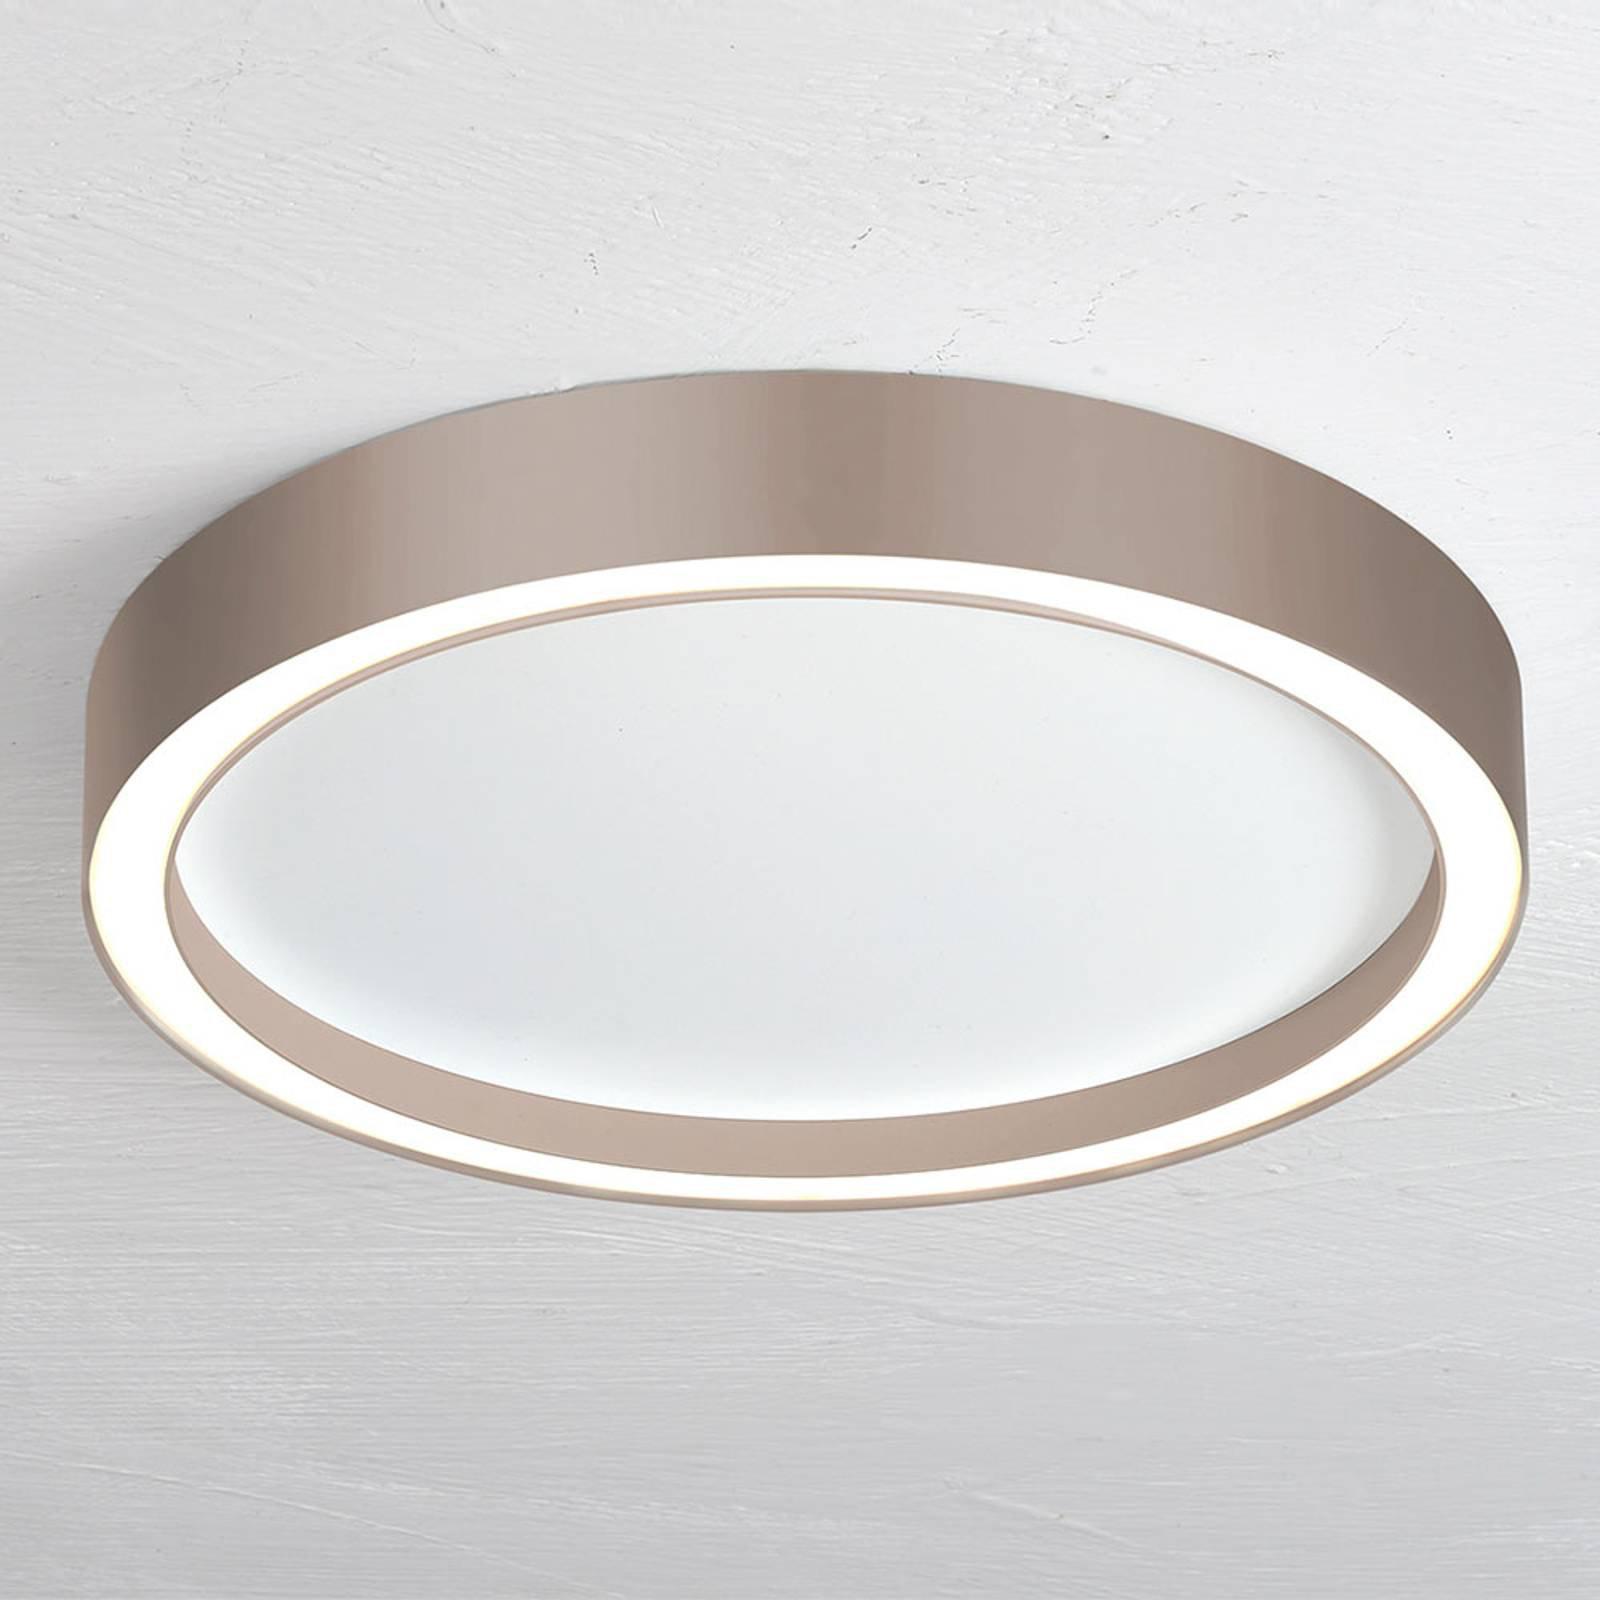 Bopp Aura LED-taklampe Ø 40cm hvit/taupe